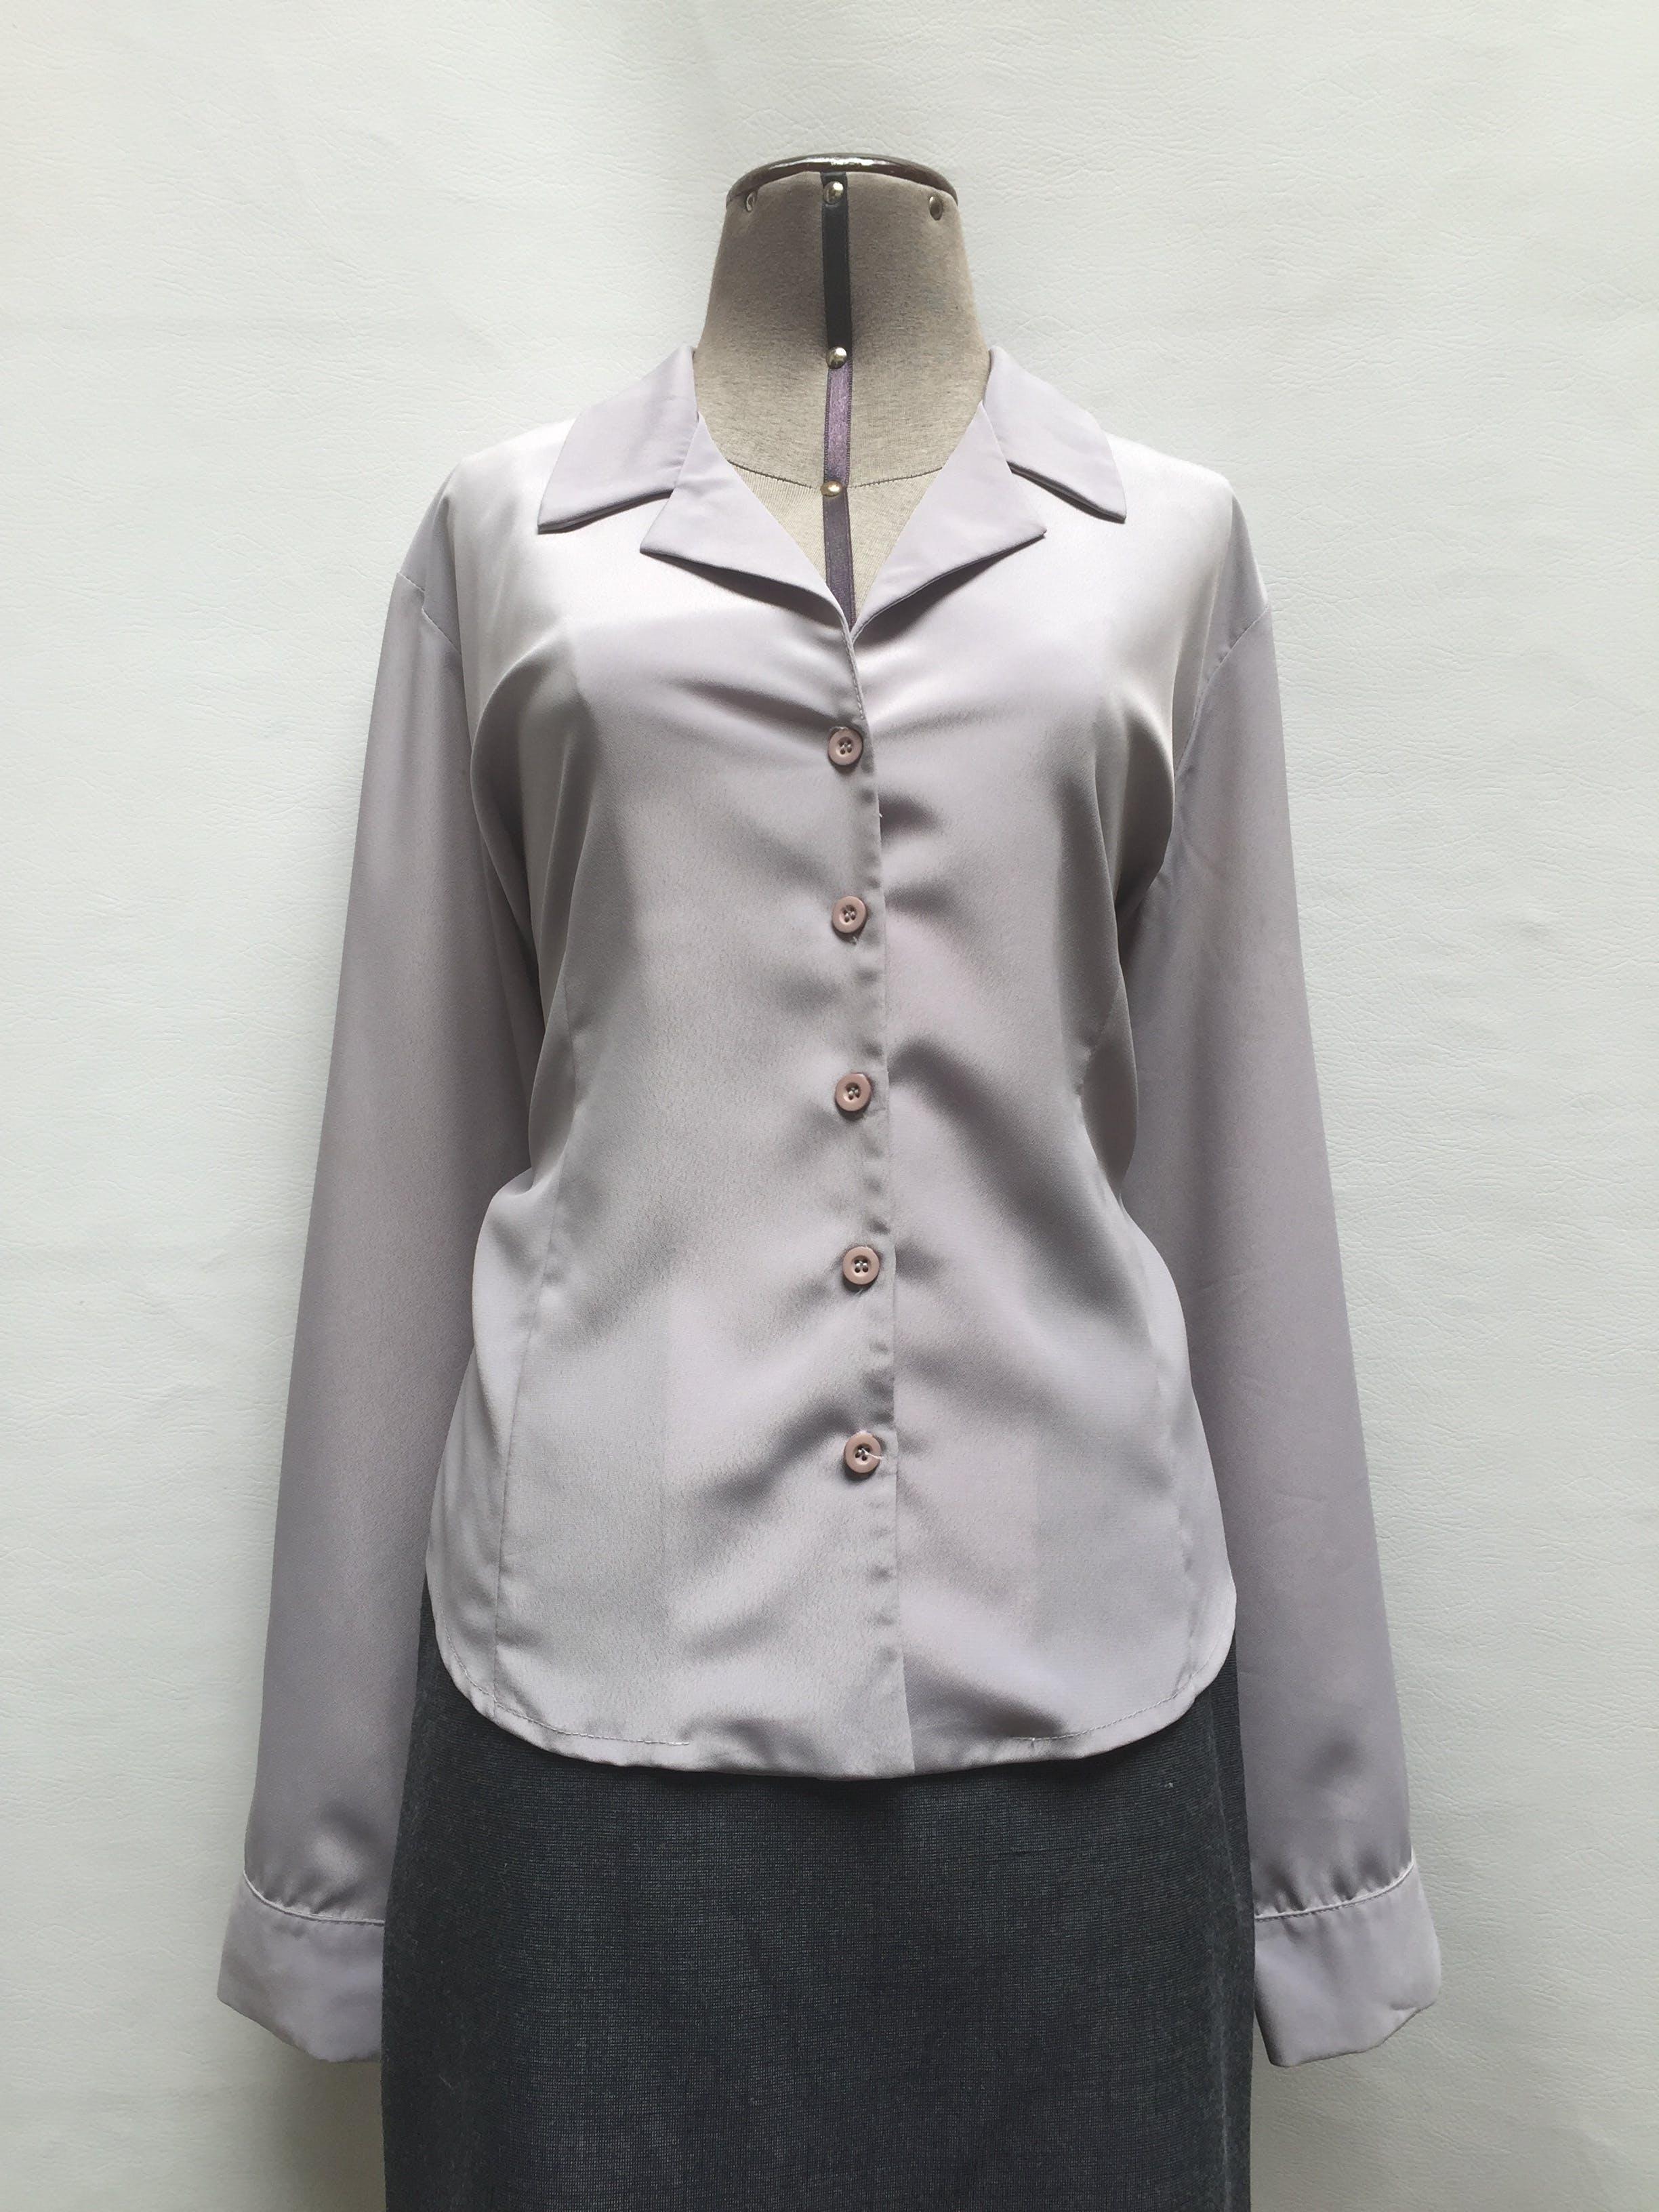 Blusa vintage de gasa gruesa ploma, cuello camisero, botones en el centro y manga larga Talla XL